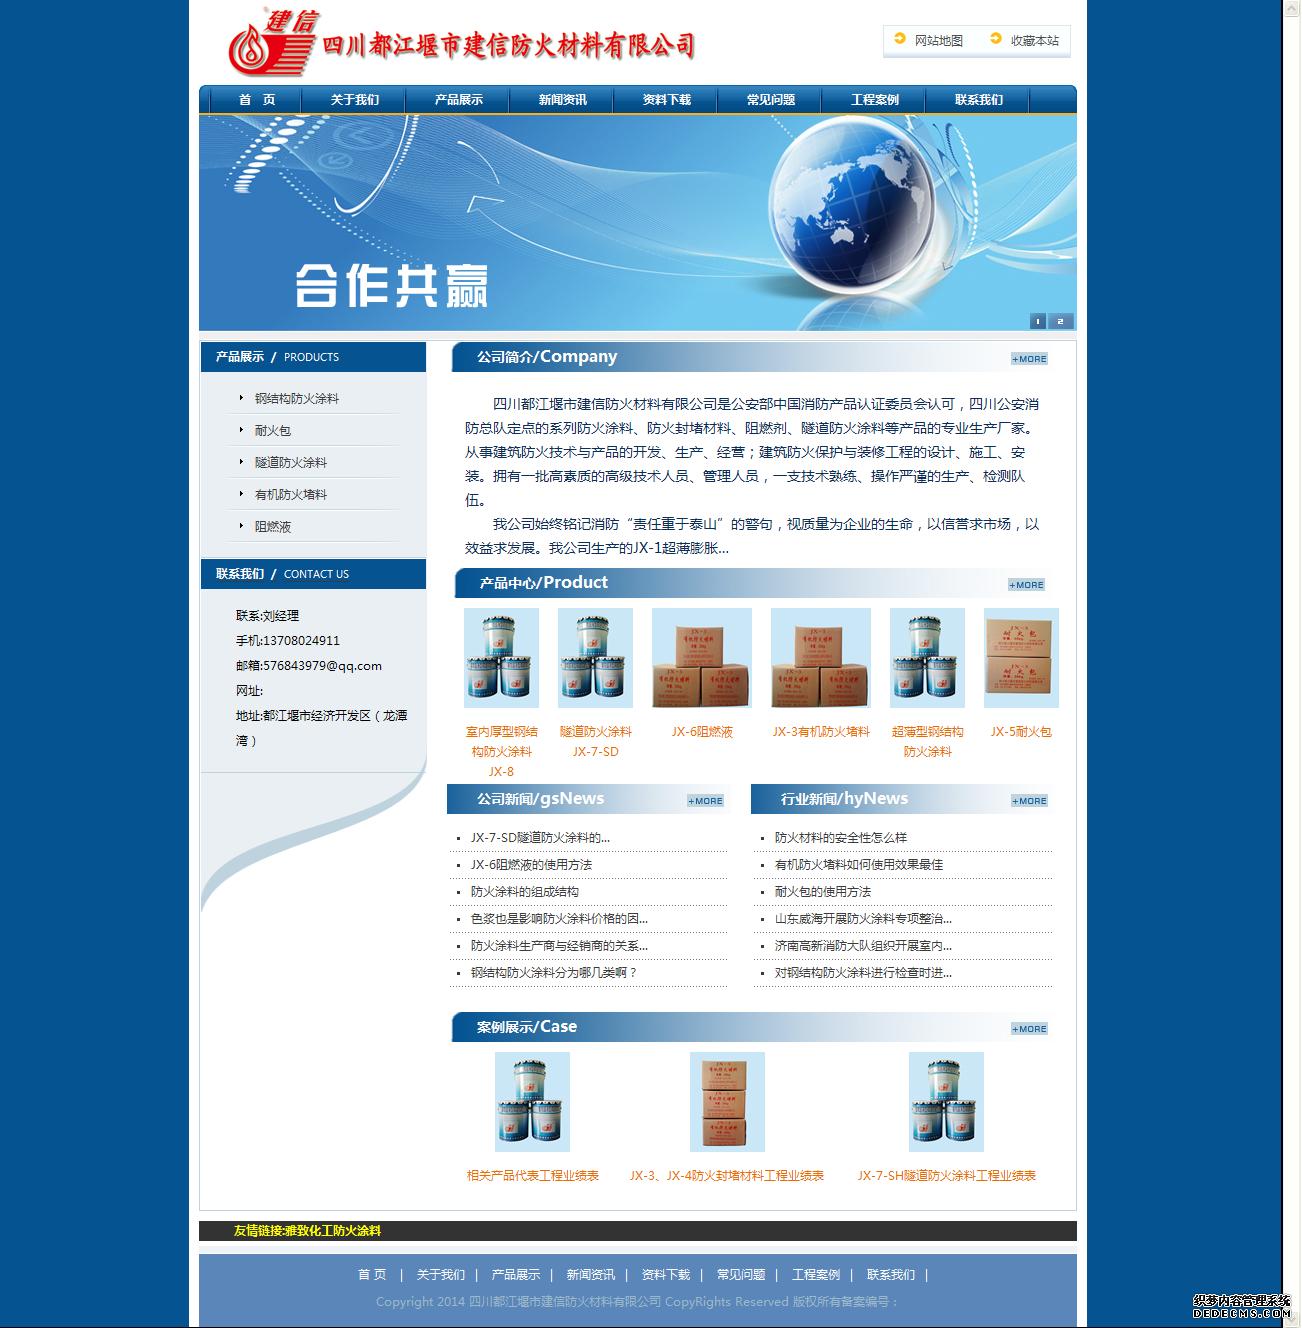 四川都江堰市建信防火材料有限公司网站建设案例